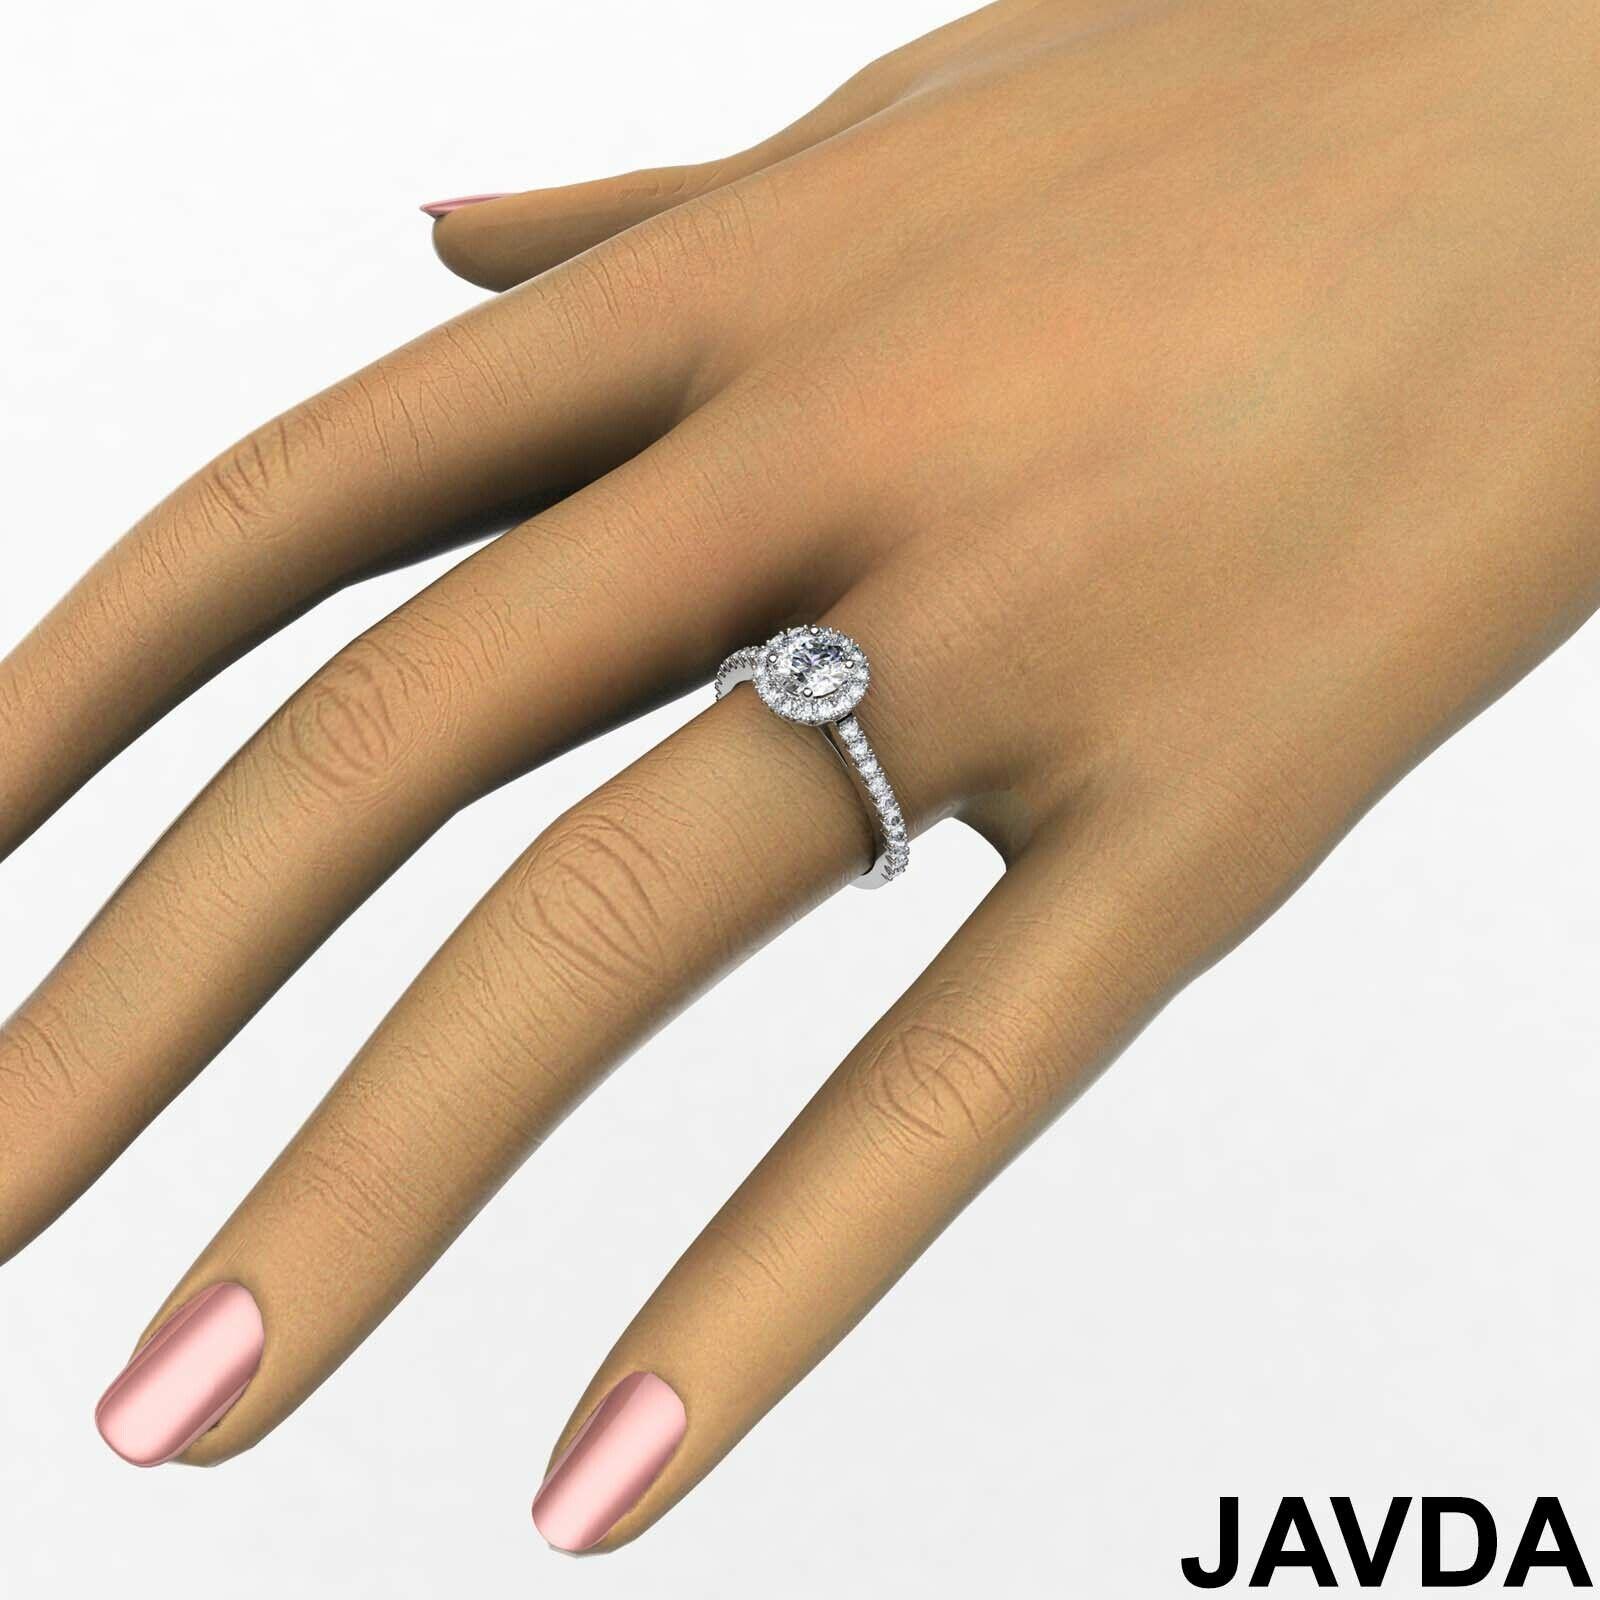 1.5ctw Double Prong Round Diamond Engagement Ring GIA E-VS2 White Gold Women New 3